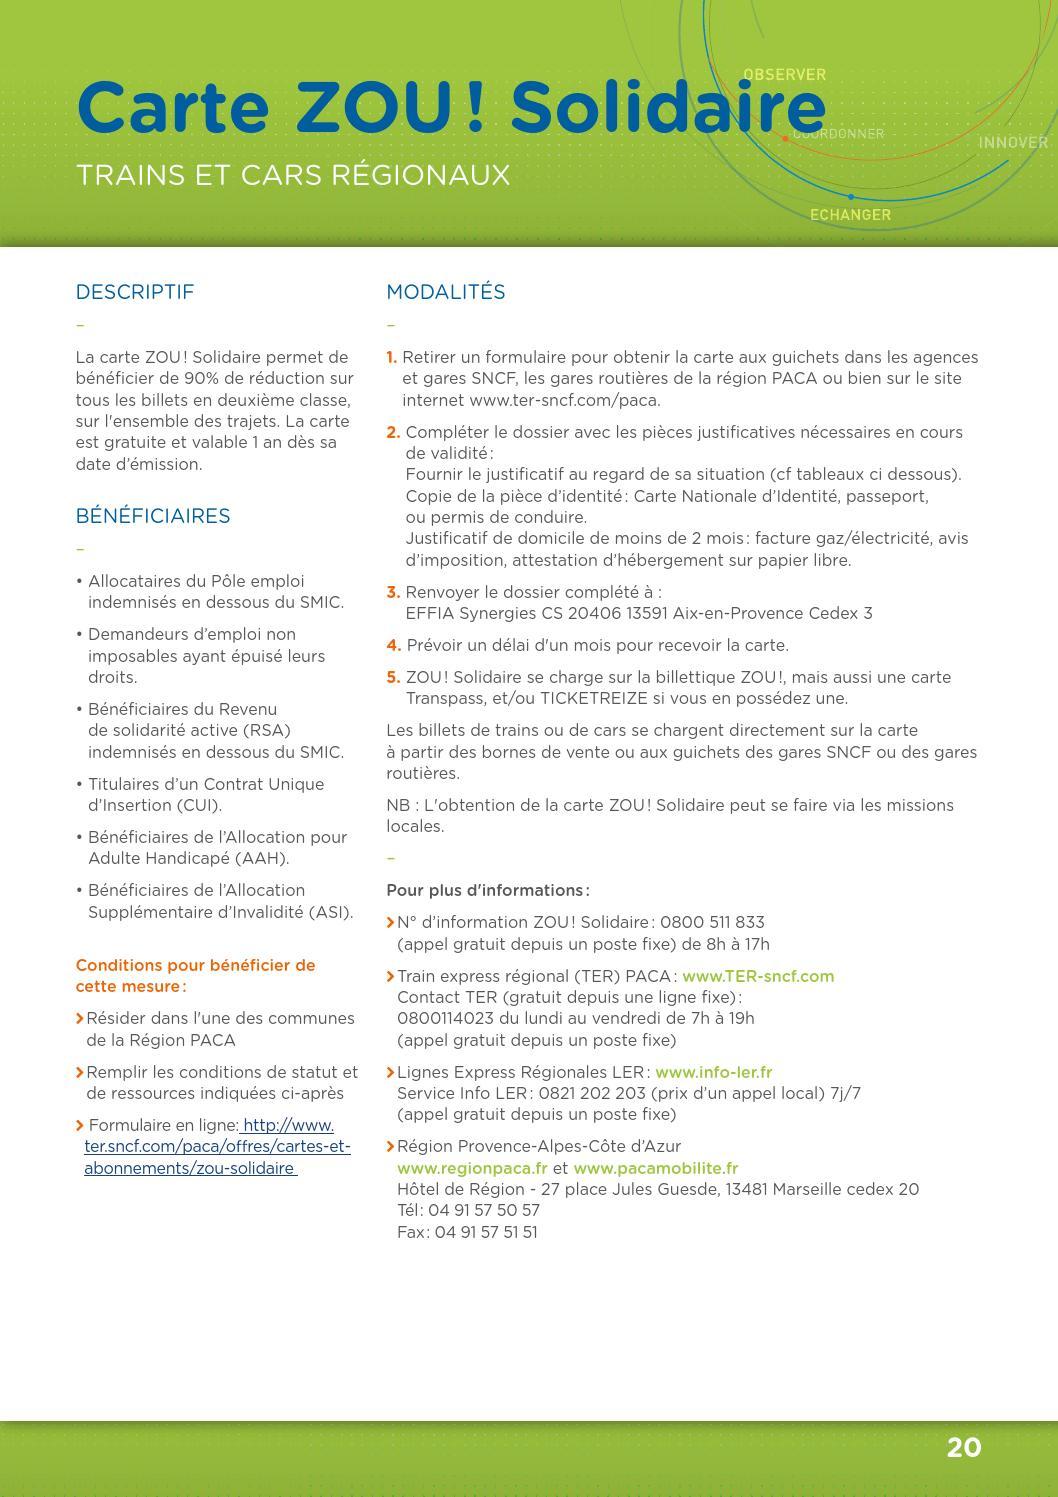 carte zou solidaire formulaire Kit mobilité professionnels by Cité des Métiers de Marseille et de